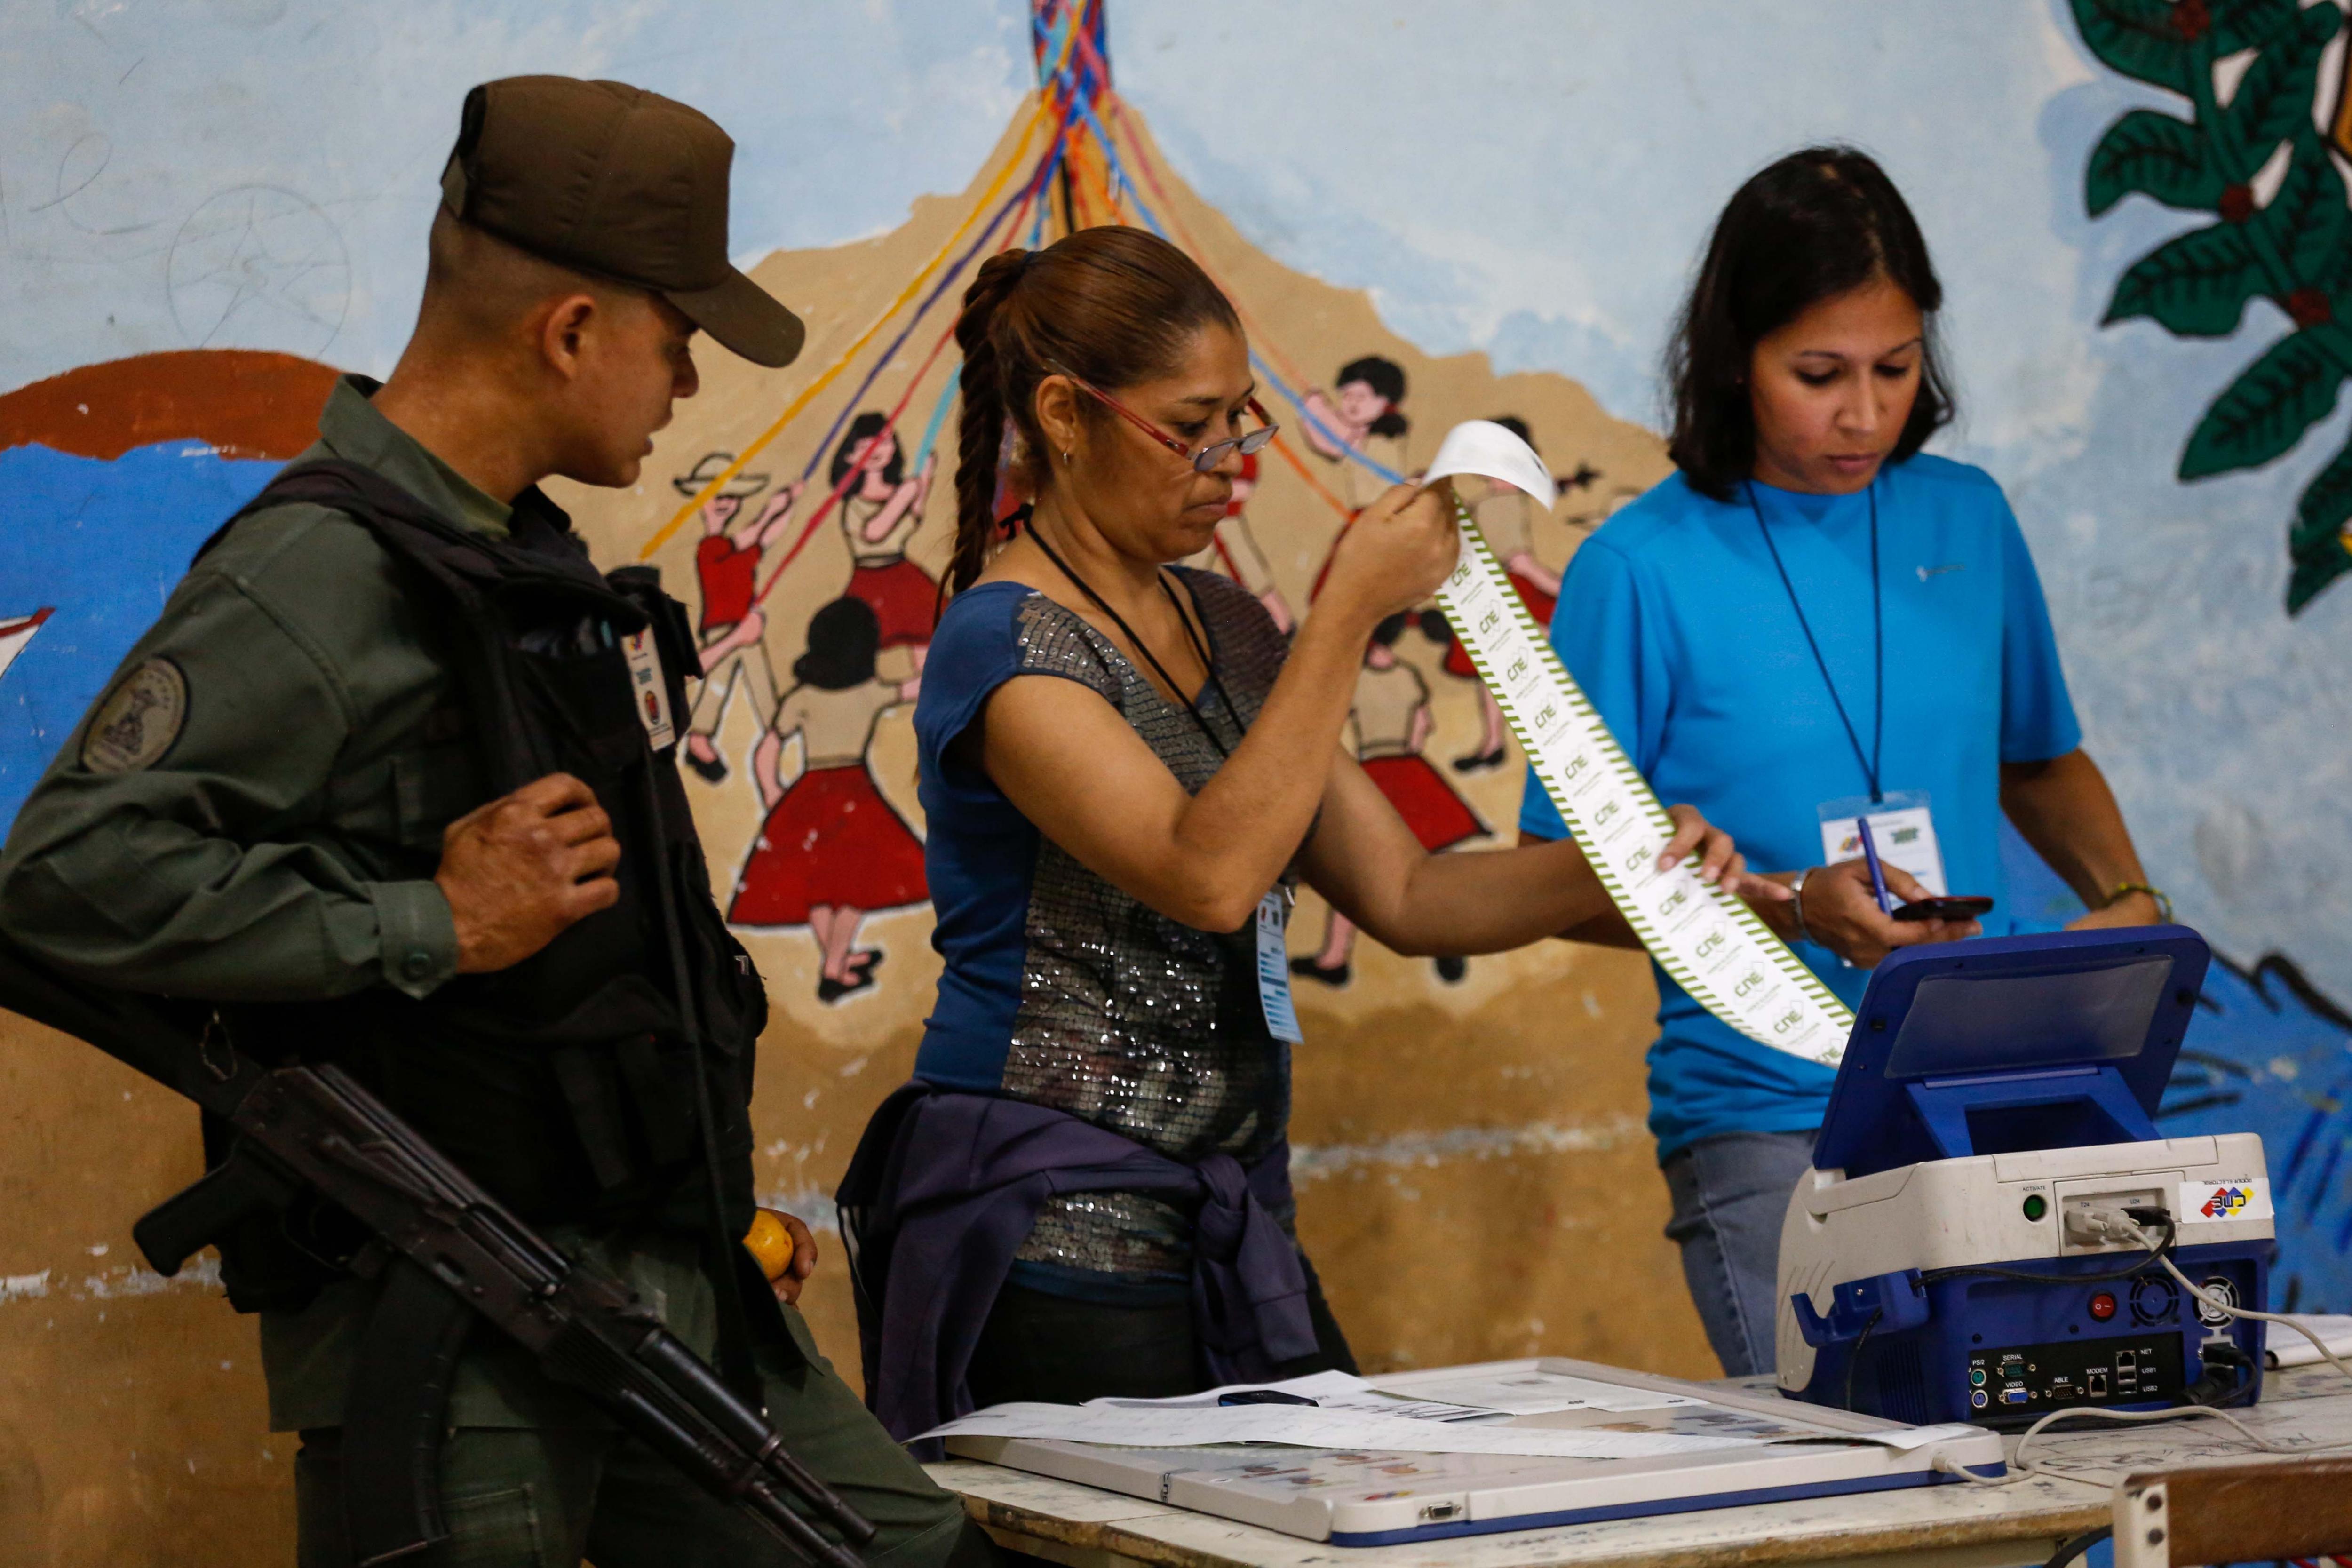 CAR02. CARACAS (VENEZUELA), 20/05/2018.- Miembros de mesa realizan una auditoría de cierre tras la culminación de las elecciones presidenciales hoy, domingo 20 de mayo de 2018, en el liceo Andrés Bello, en Caracas (Venezuela). Los centros electorales en Venezuela comenzaron a cerrar progresivamente desde las 18.00 (22.00 GMT) sin que se hubiera producido el anuncio oficial por parte del Consejo Nacional Electoral (CNE). EFE/Cristian Hernández